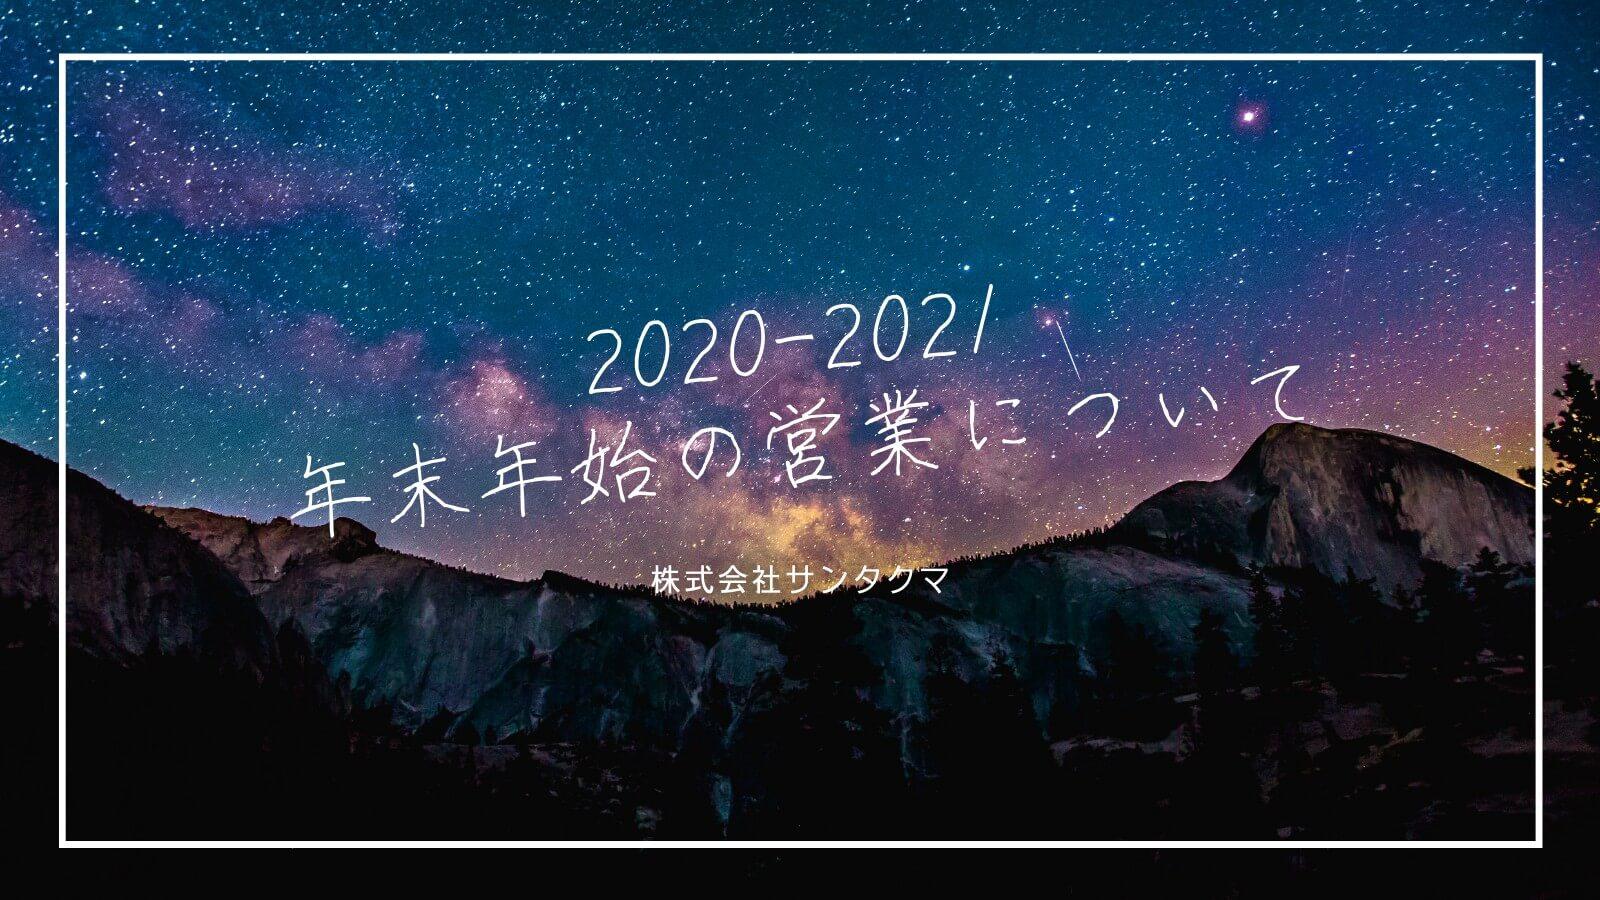 2020-2021 年末年始の営業について